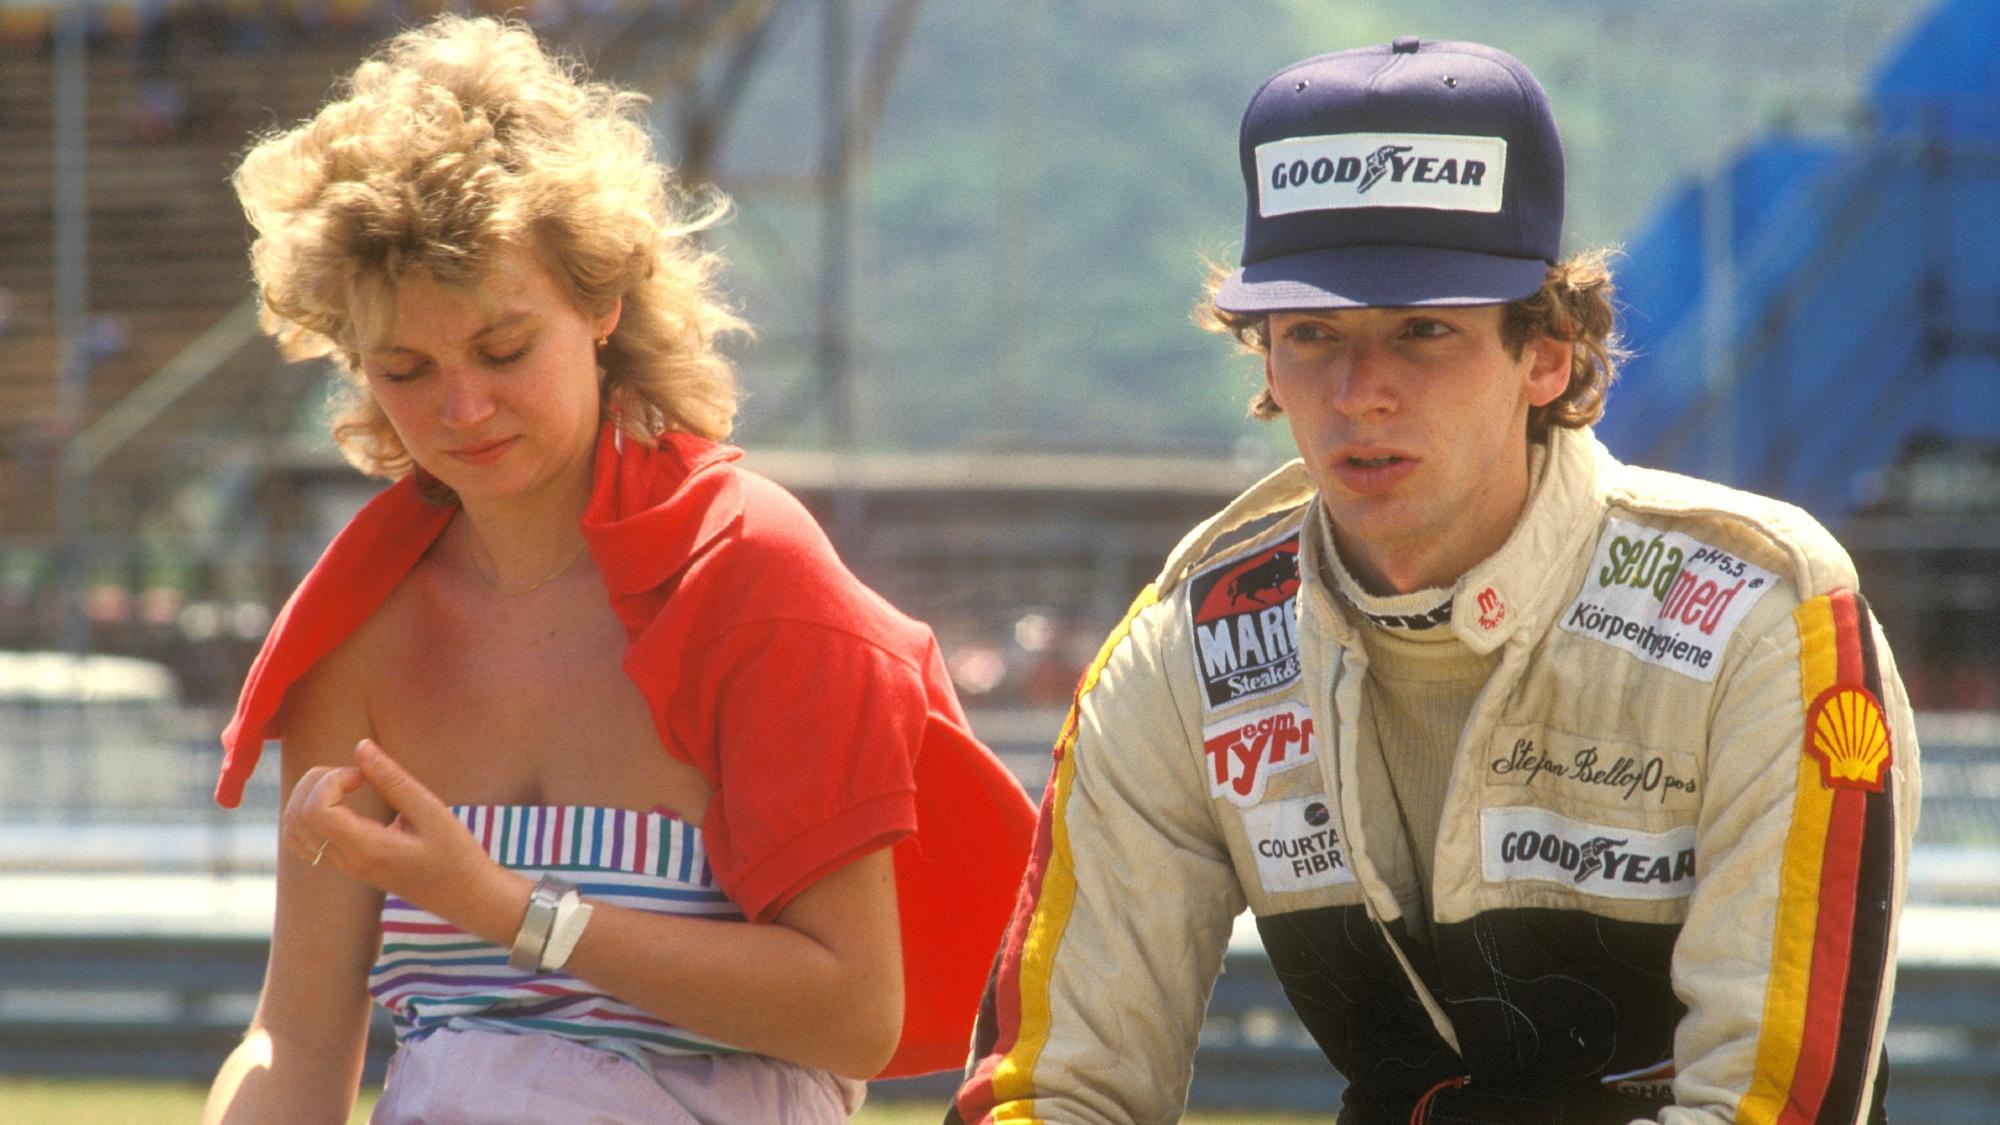 Stefan Bellof, 1984 Brazilian GP